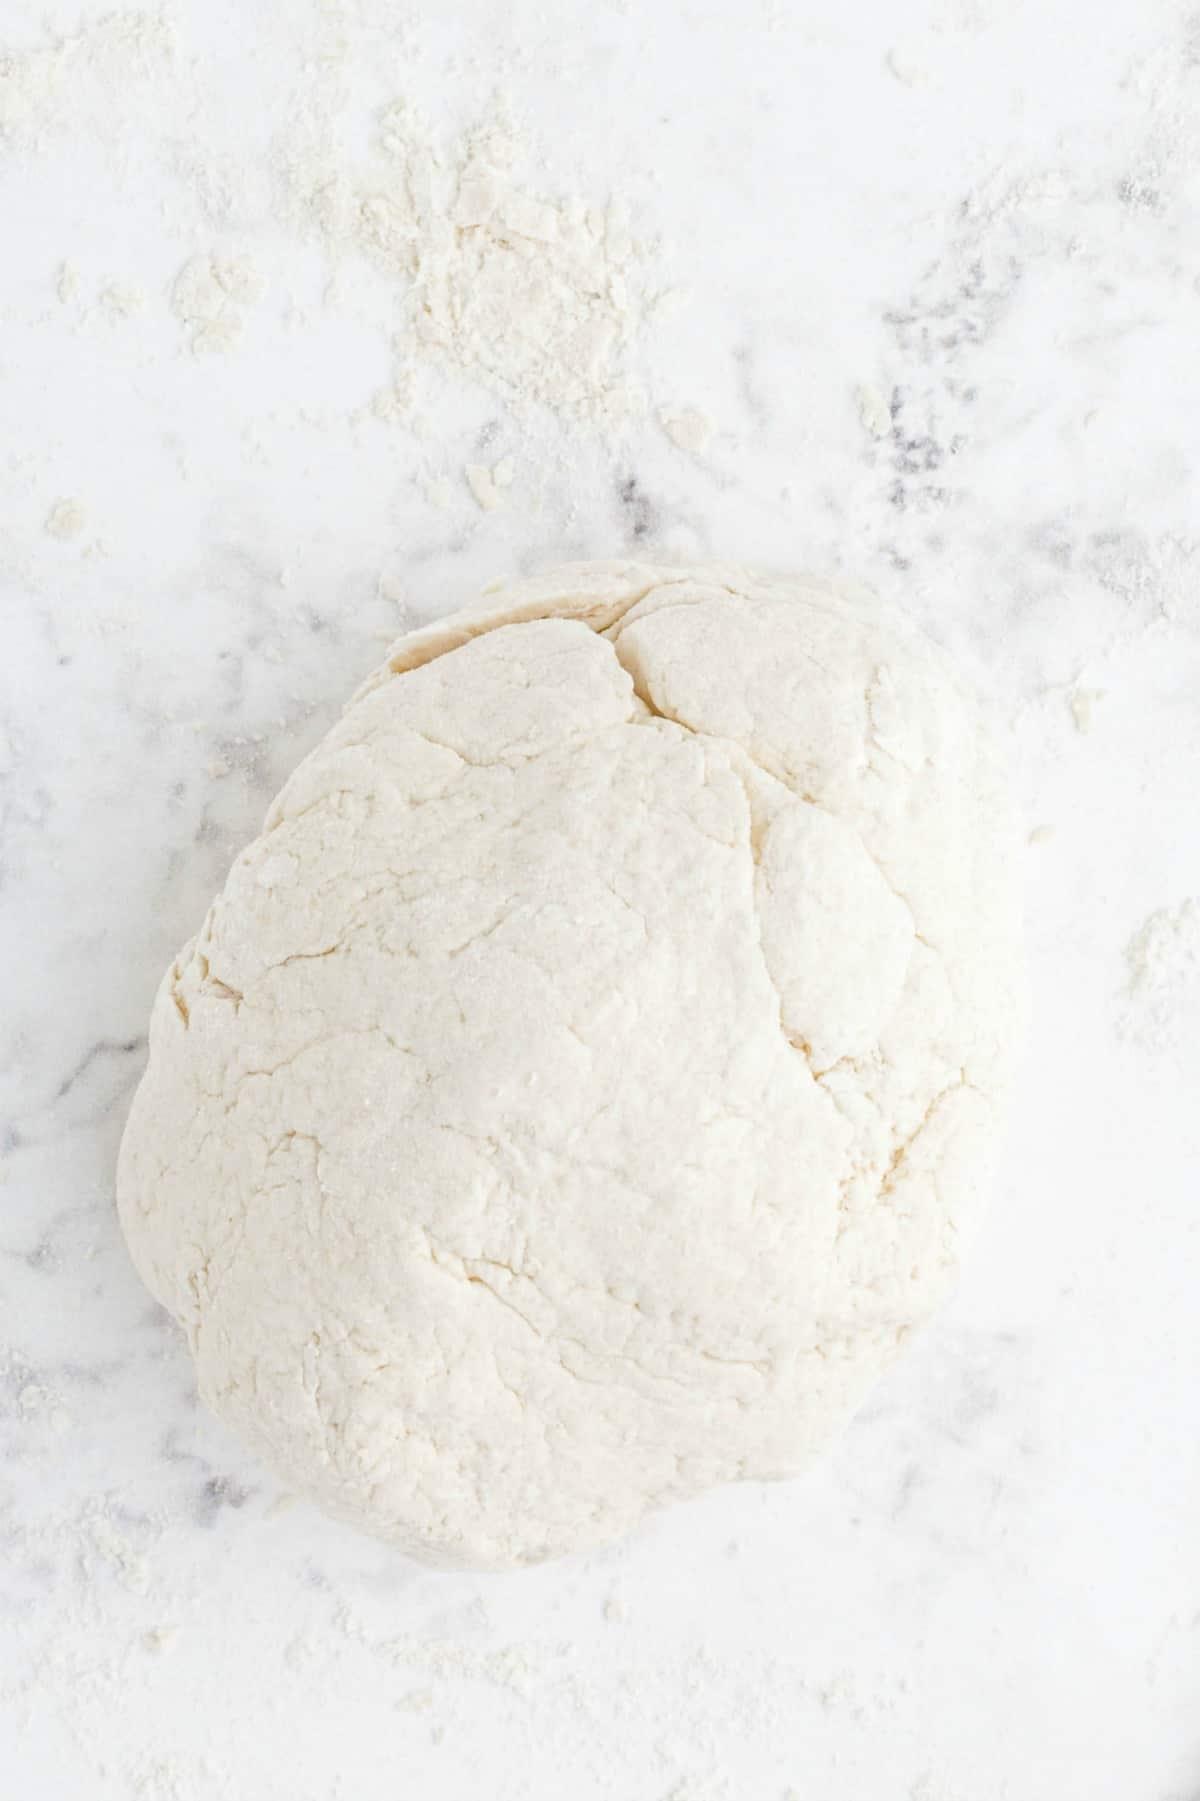 kneed flour into dough